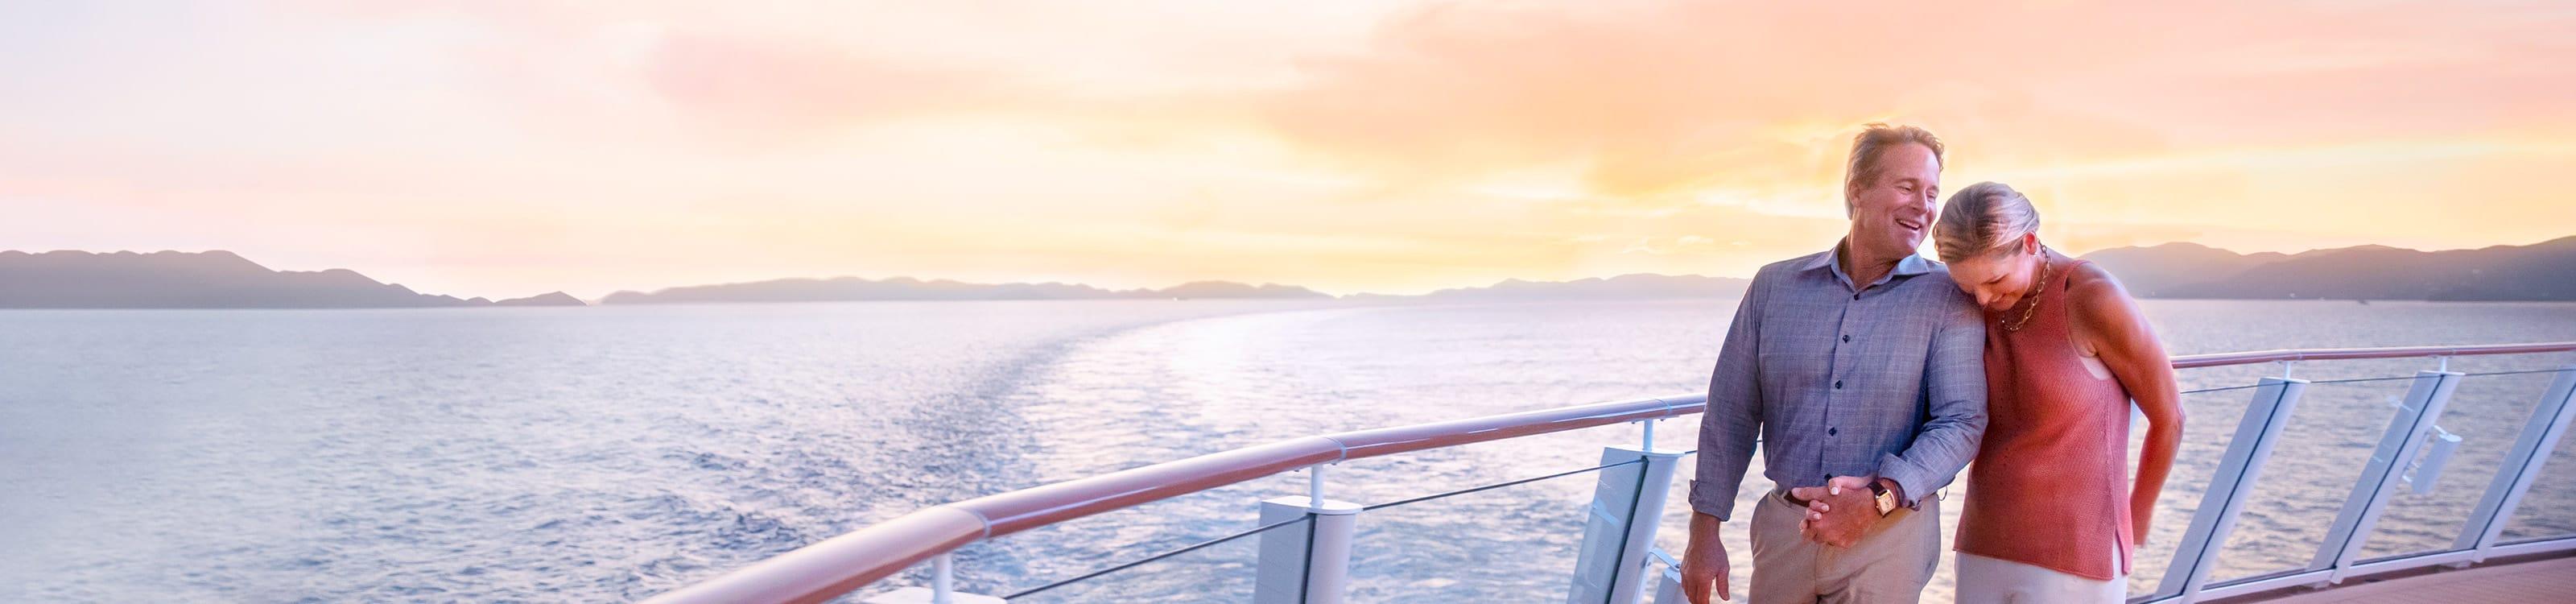 Norwegian Free at Sea